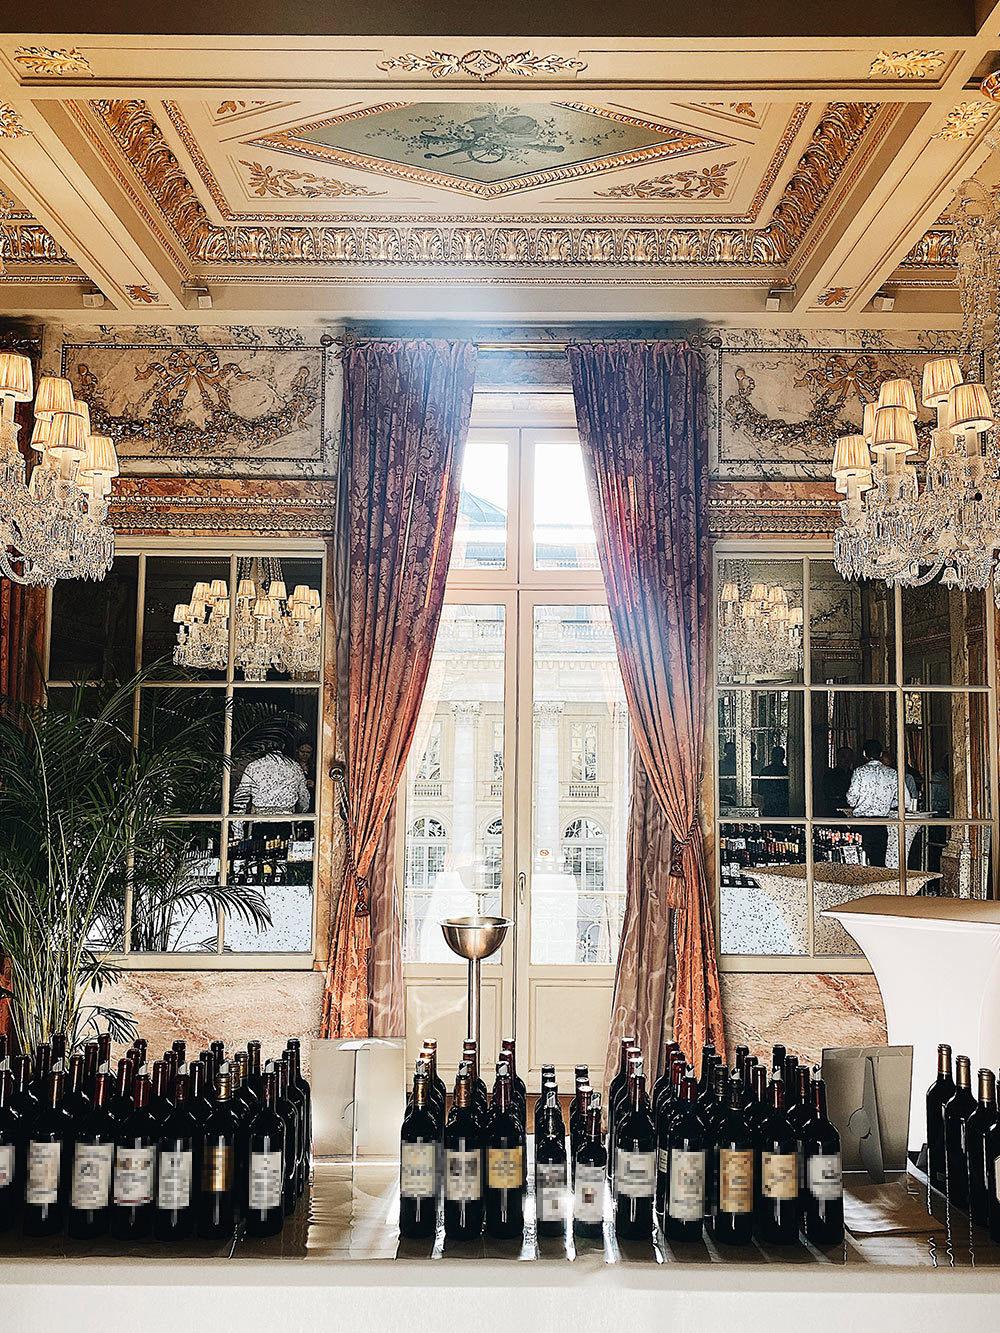 Так выглядят дегустации нового винтажа в Бордо, которые проводят дляимпортеров и винных критиков. Фото: Союз Гран Крю Бордо. Гран Крю — это официальный статус топовых производителей вин, впервые утвержденный в 1855году